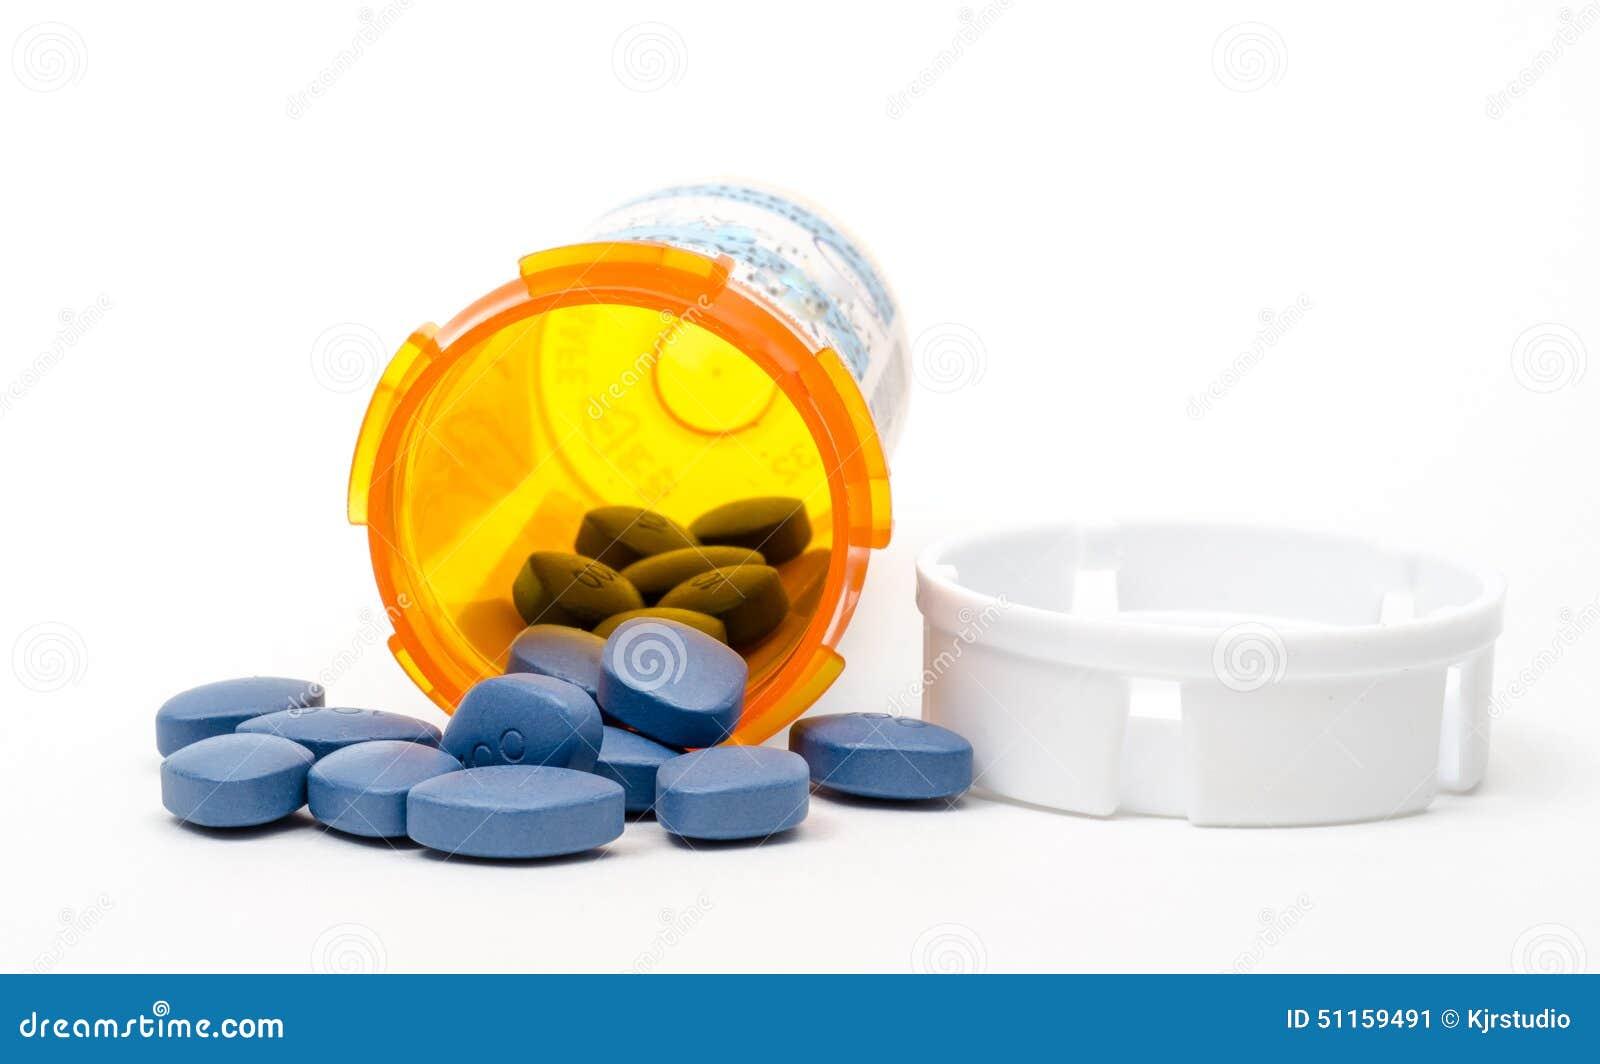 Generische viagra-Pillen